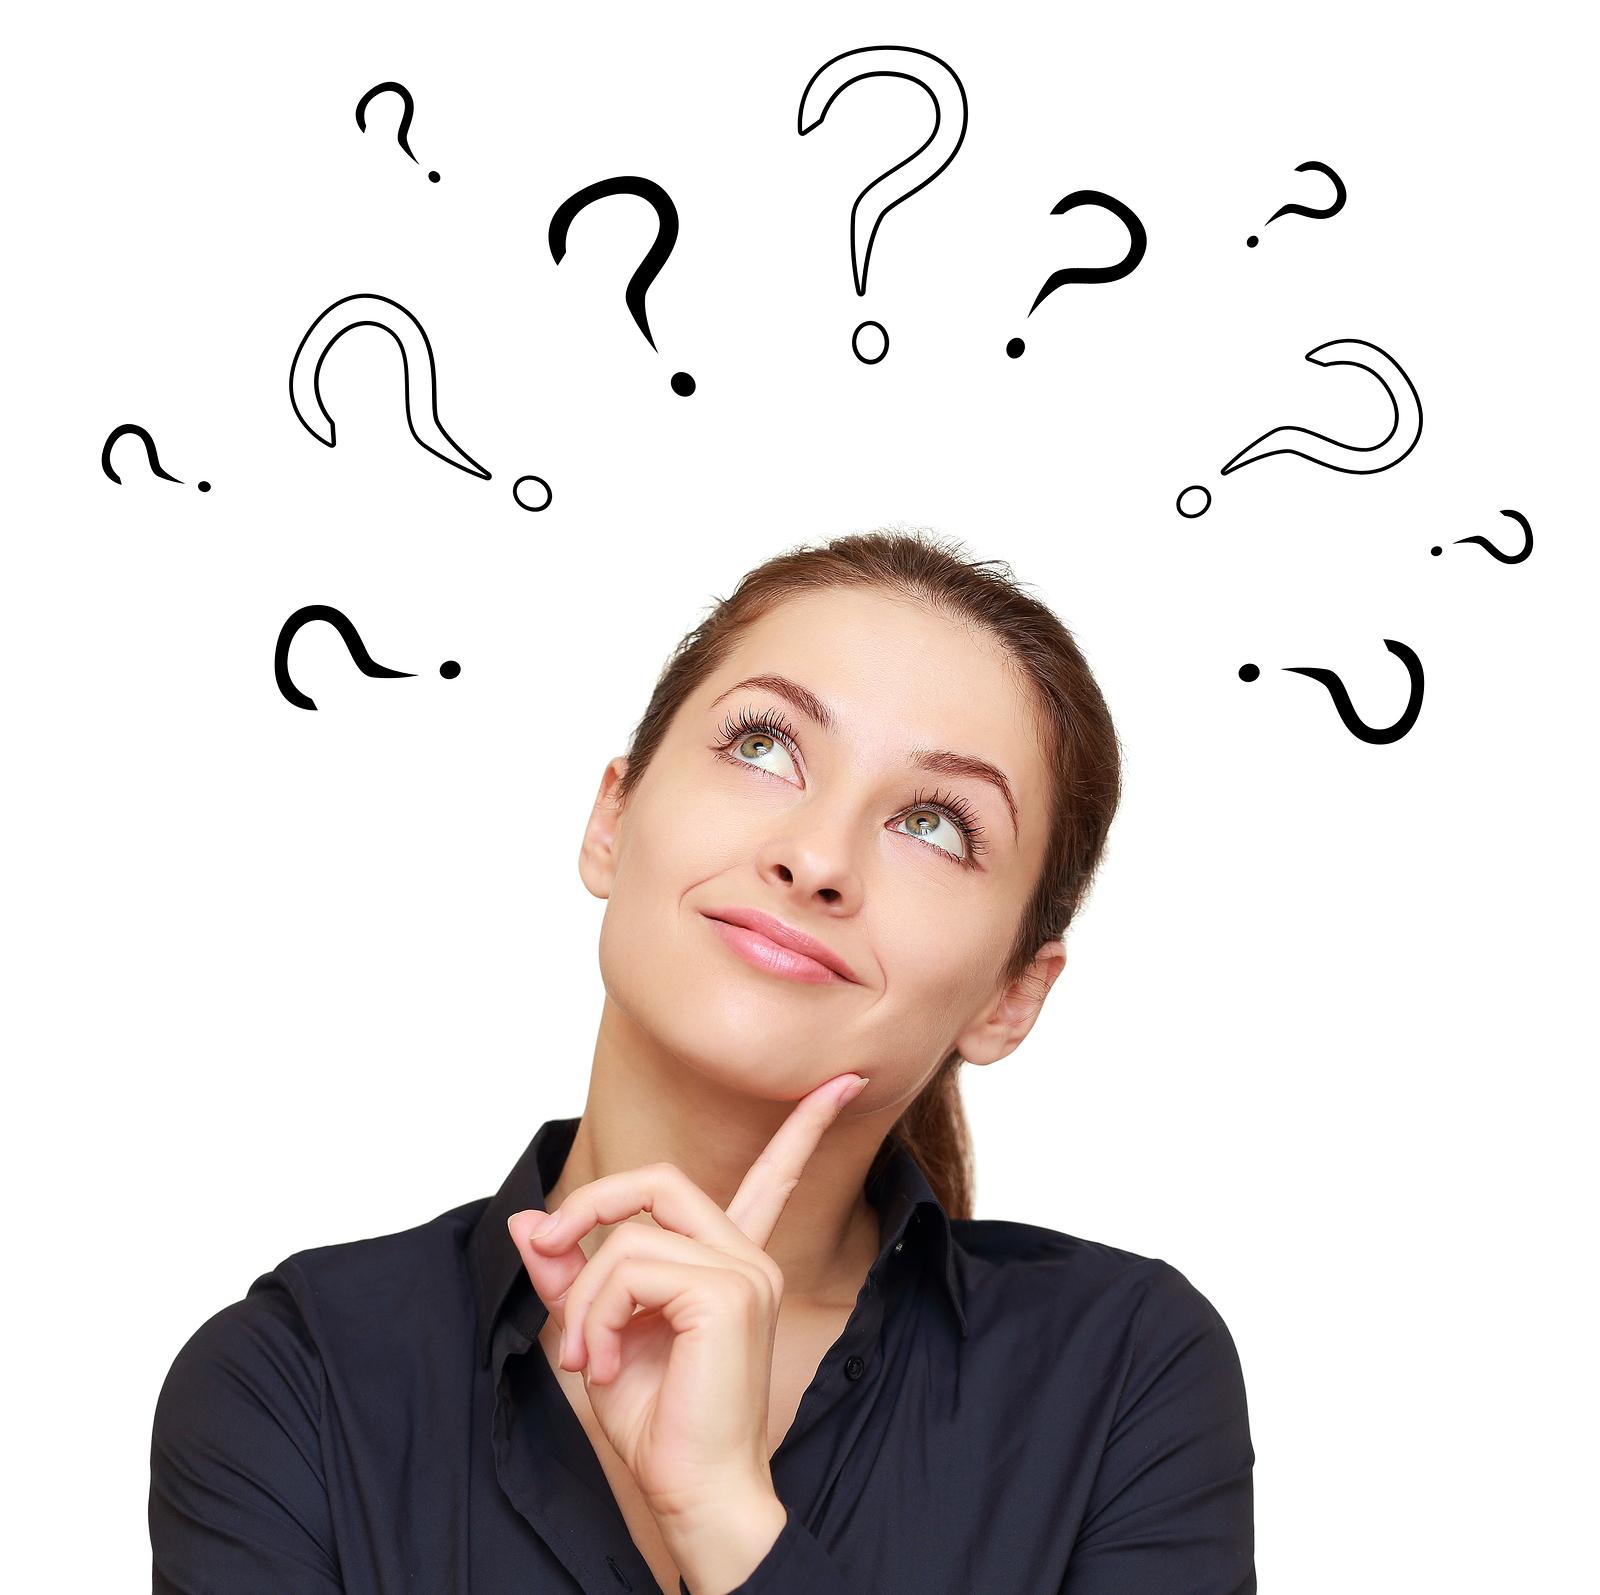 Вопрос и ответ